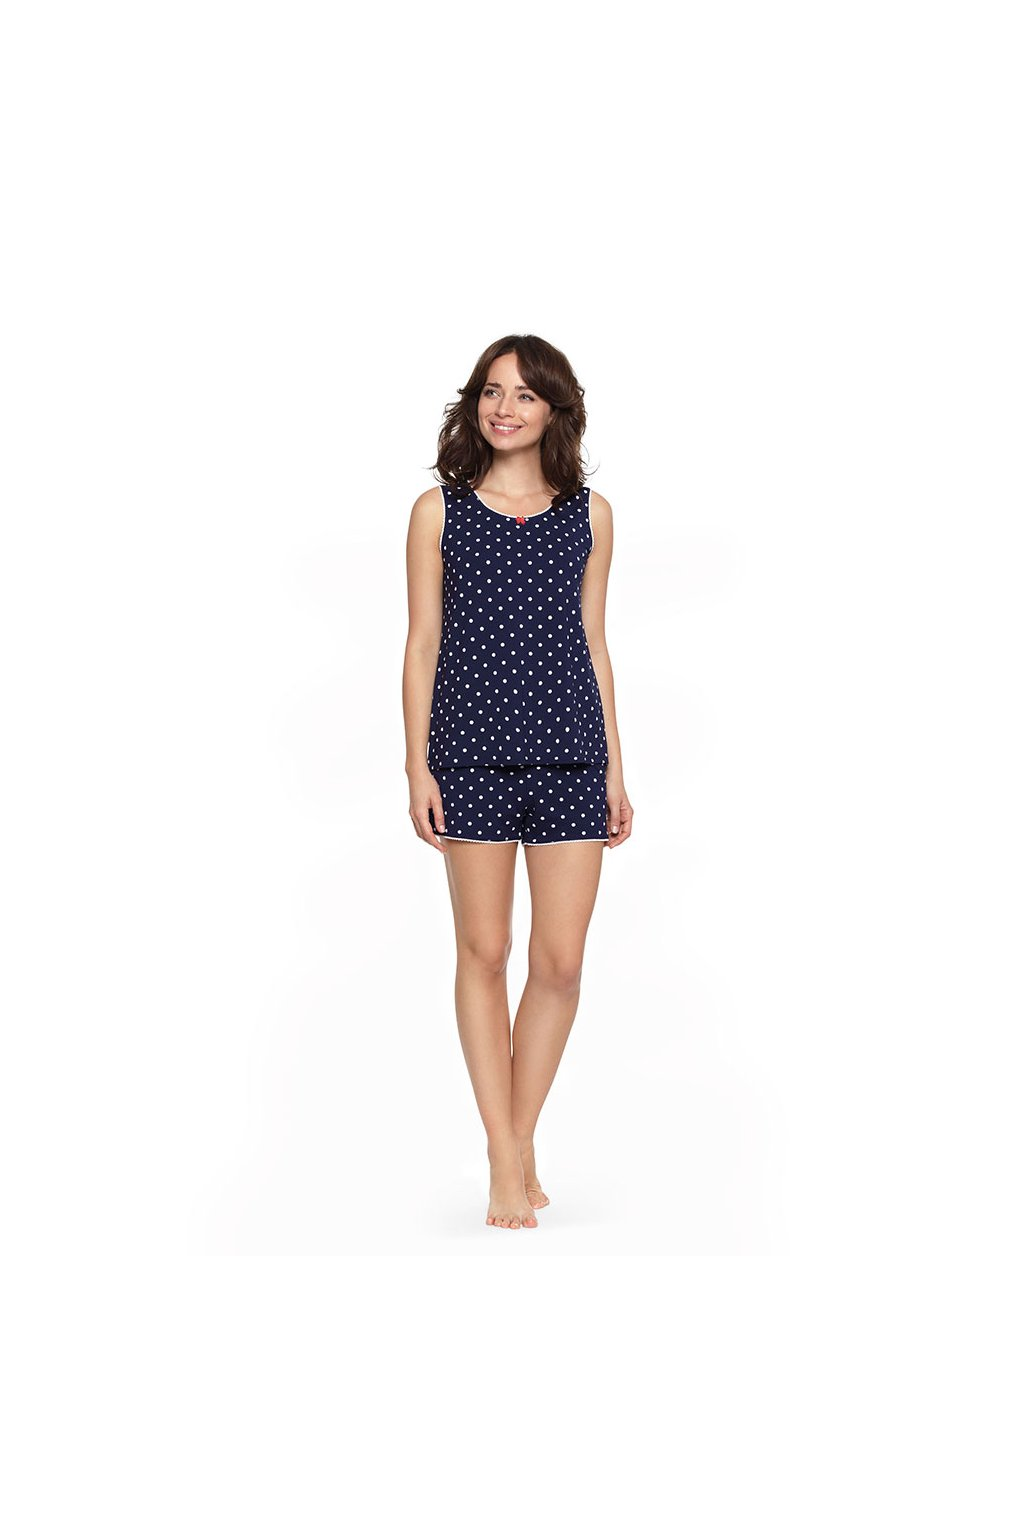 Dámské pyžamo se širokými ramínky, 104475 101, tmavě modrá